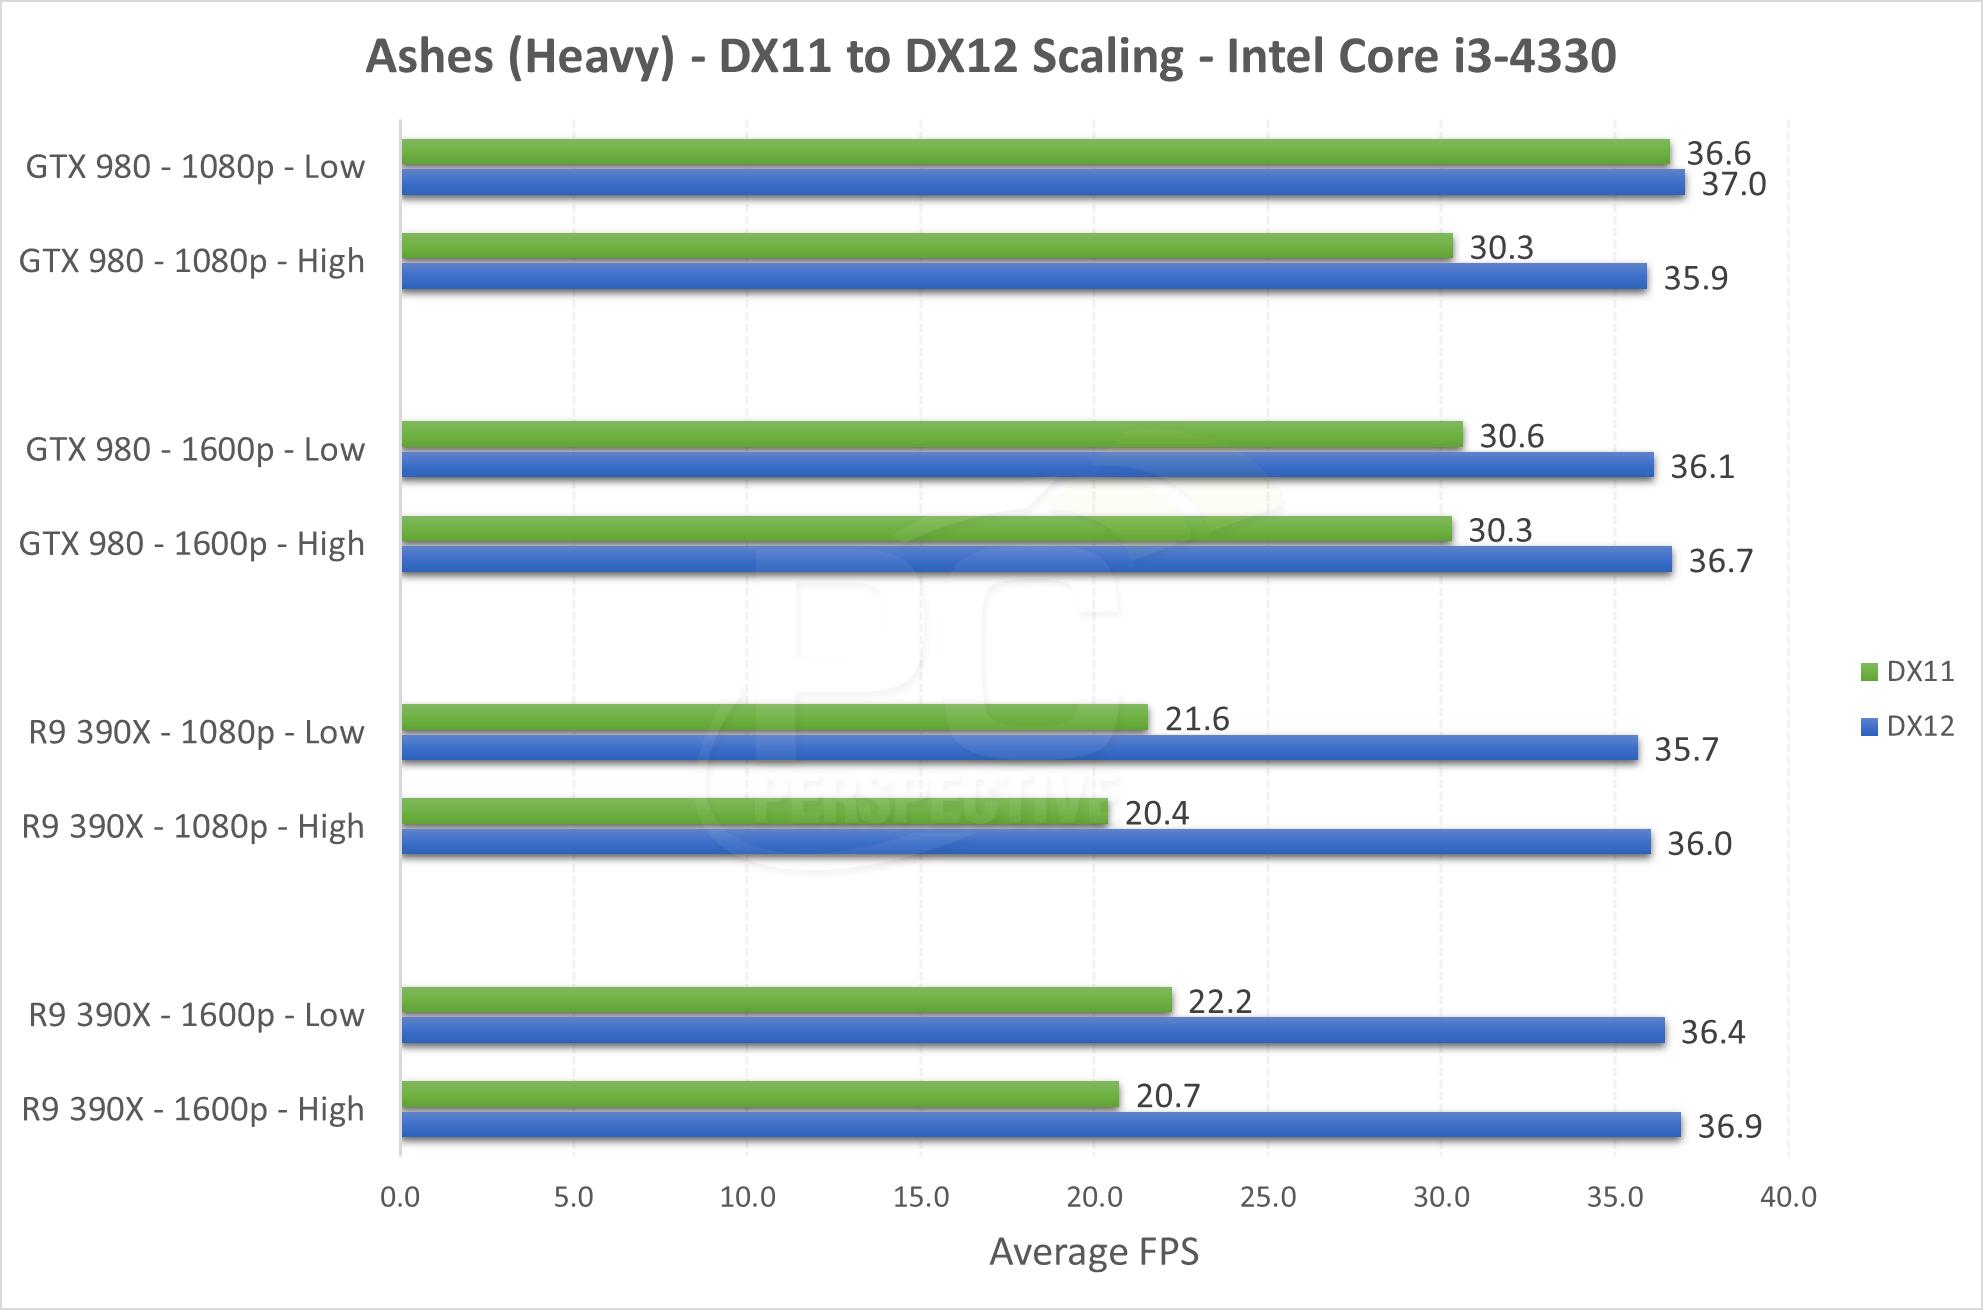 ashesheavy-4330.png